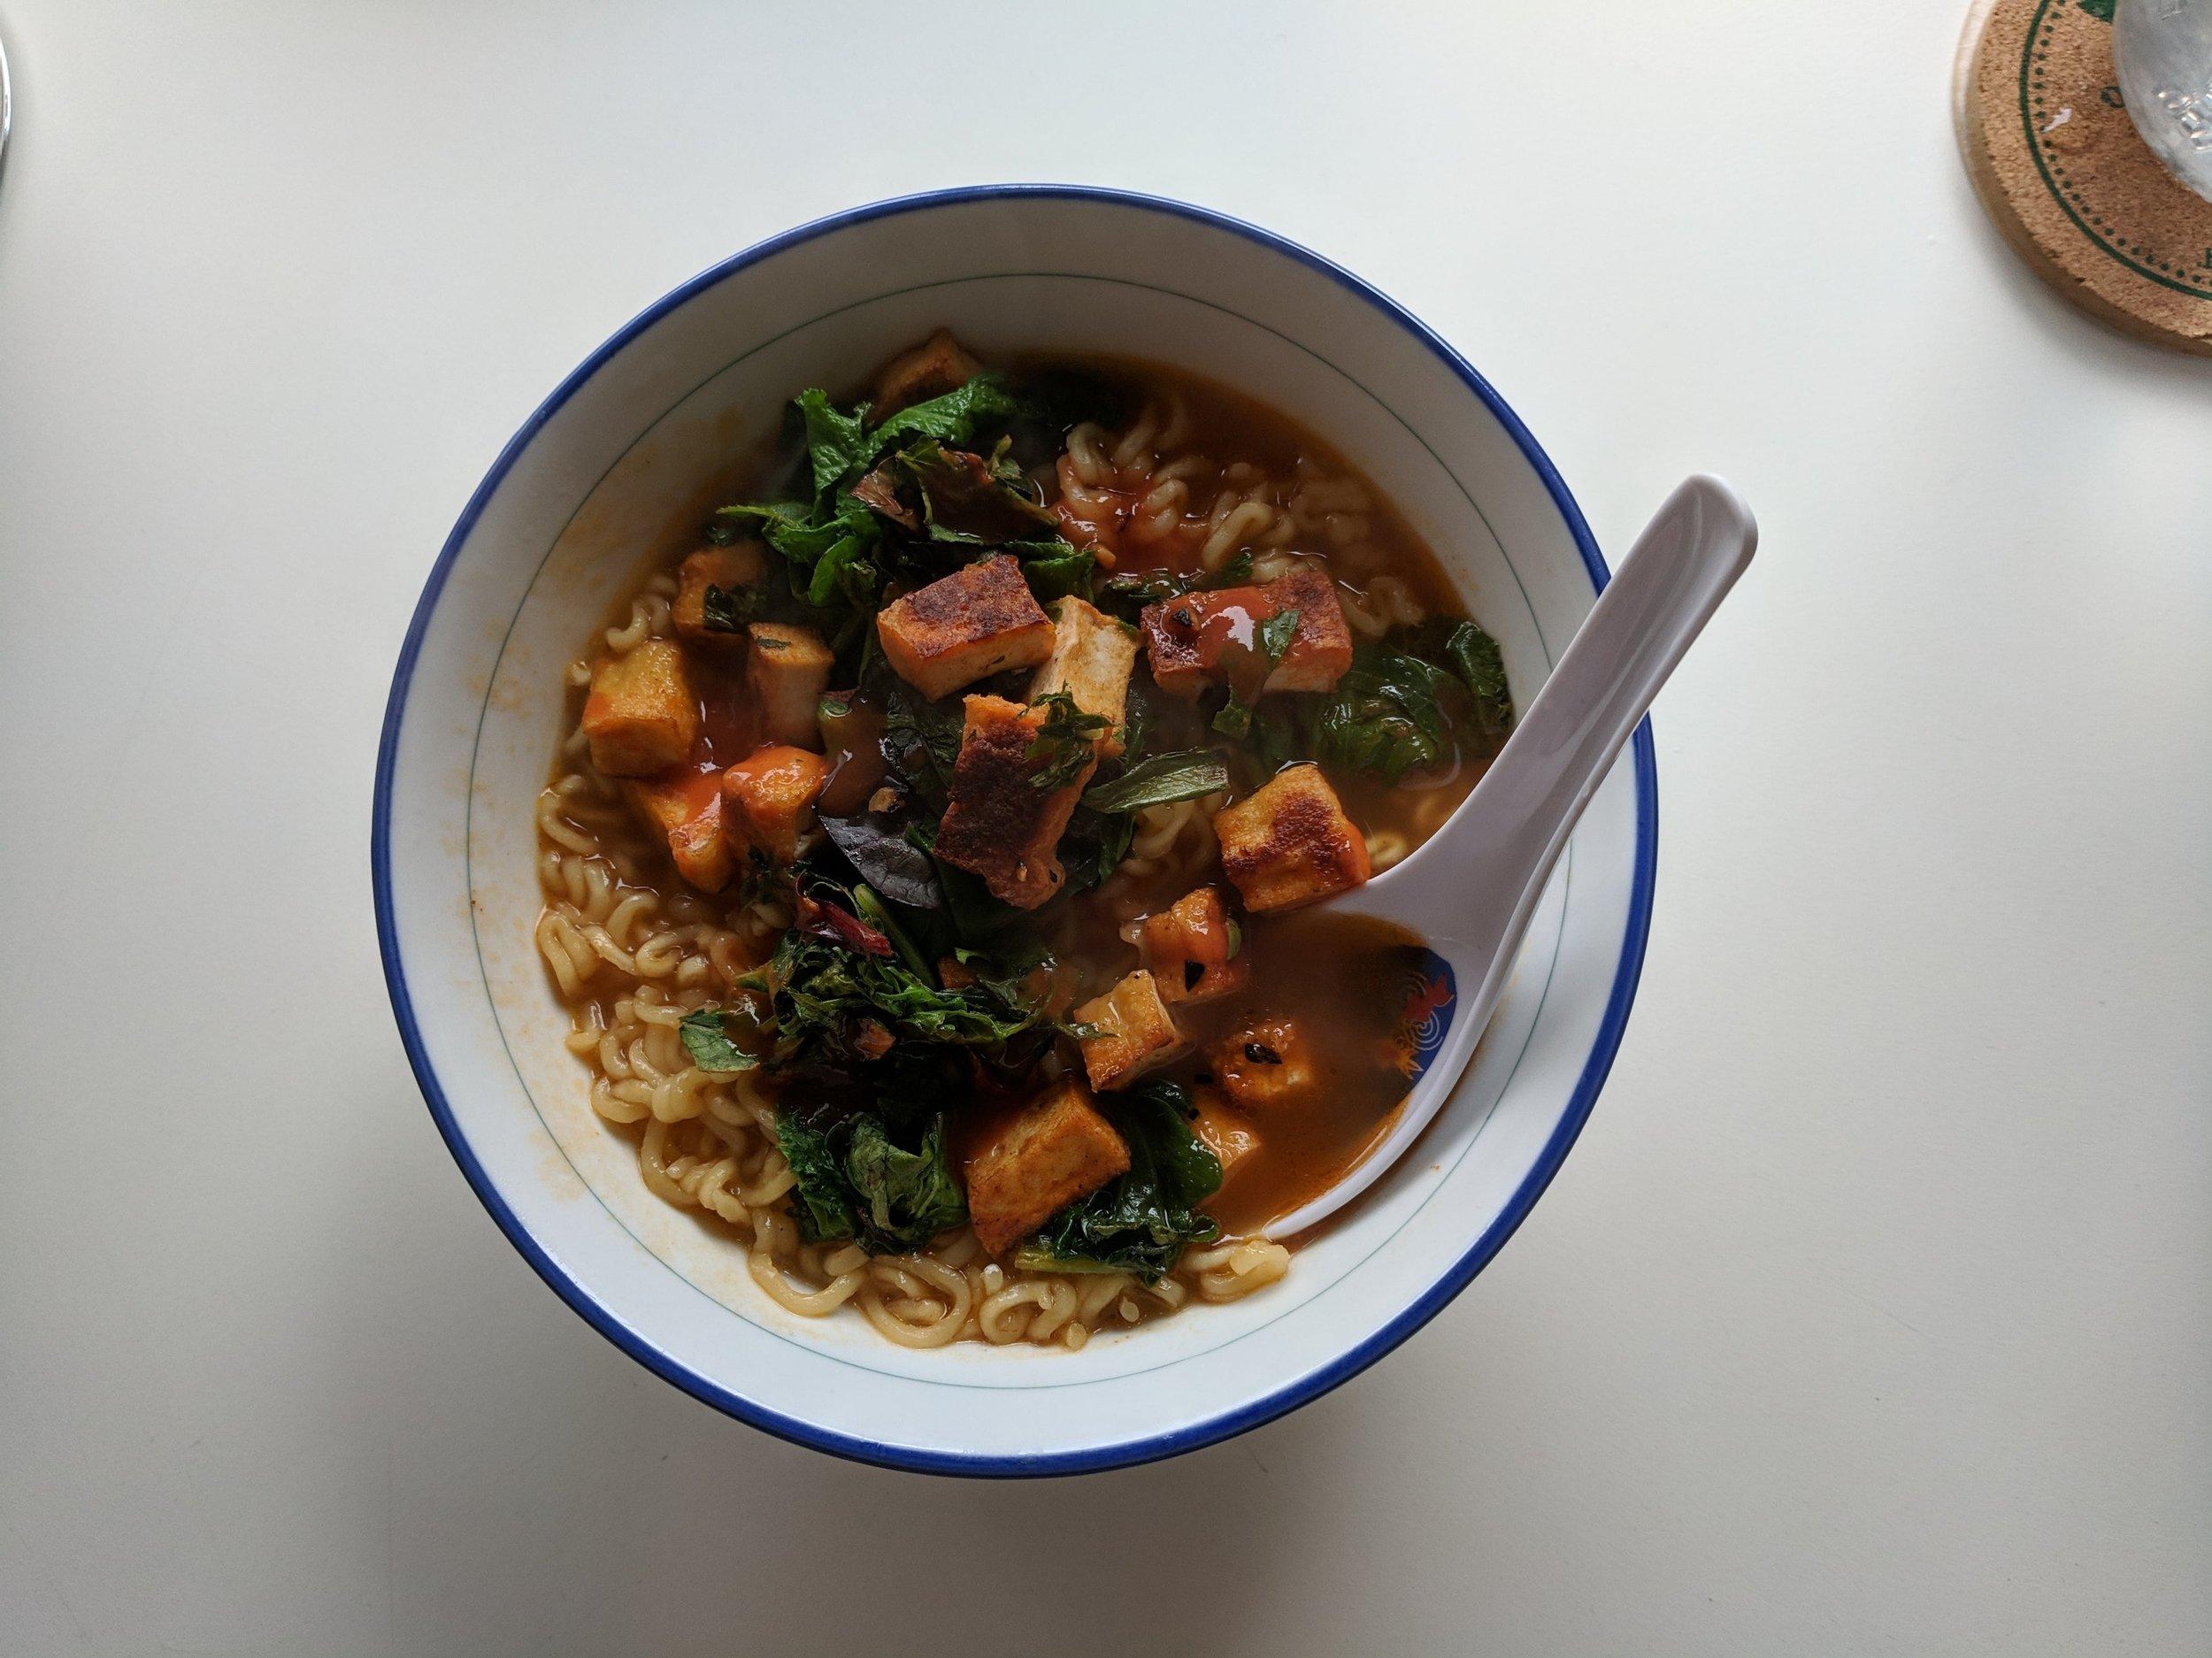 nong shim ramen + hot sauce fried tofu & greens